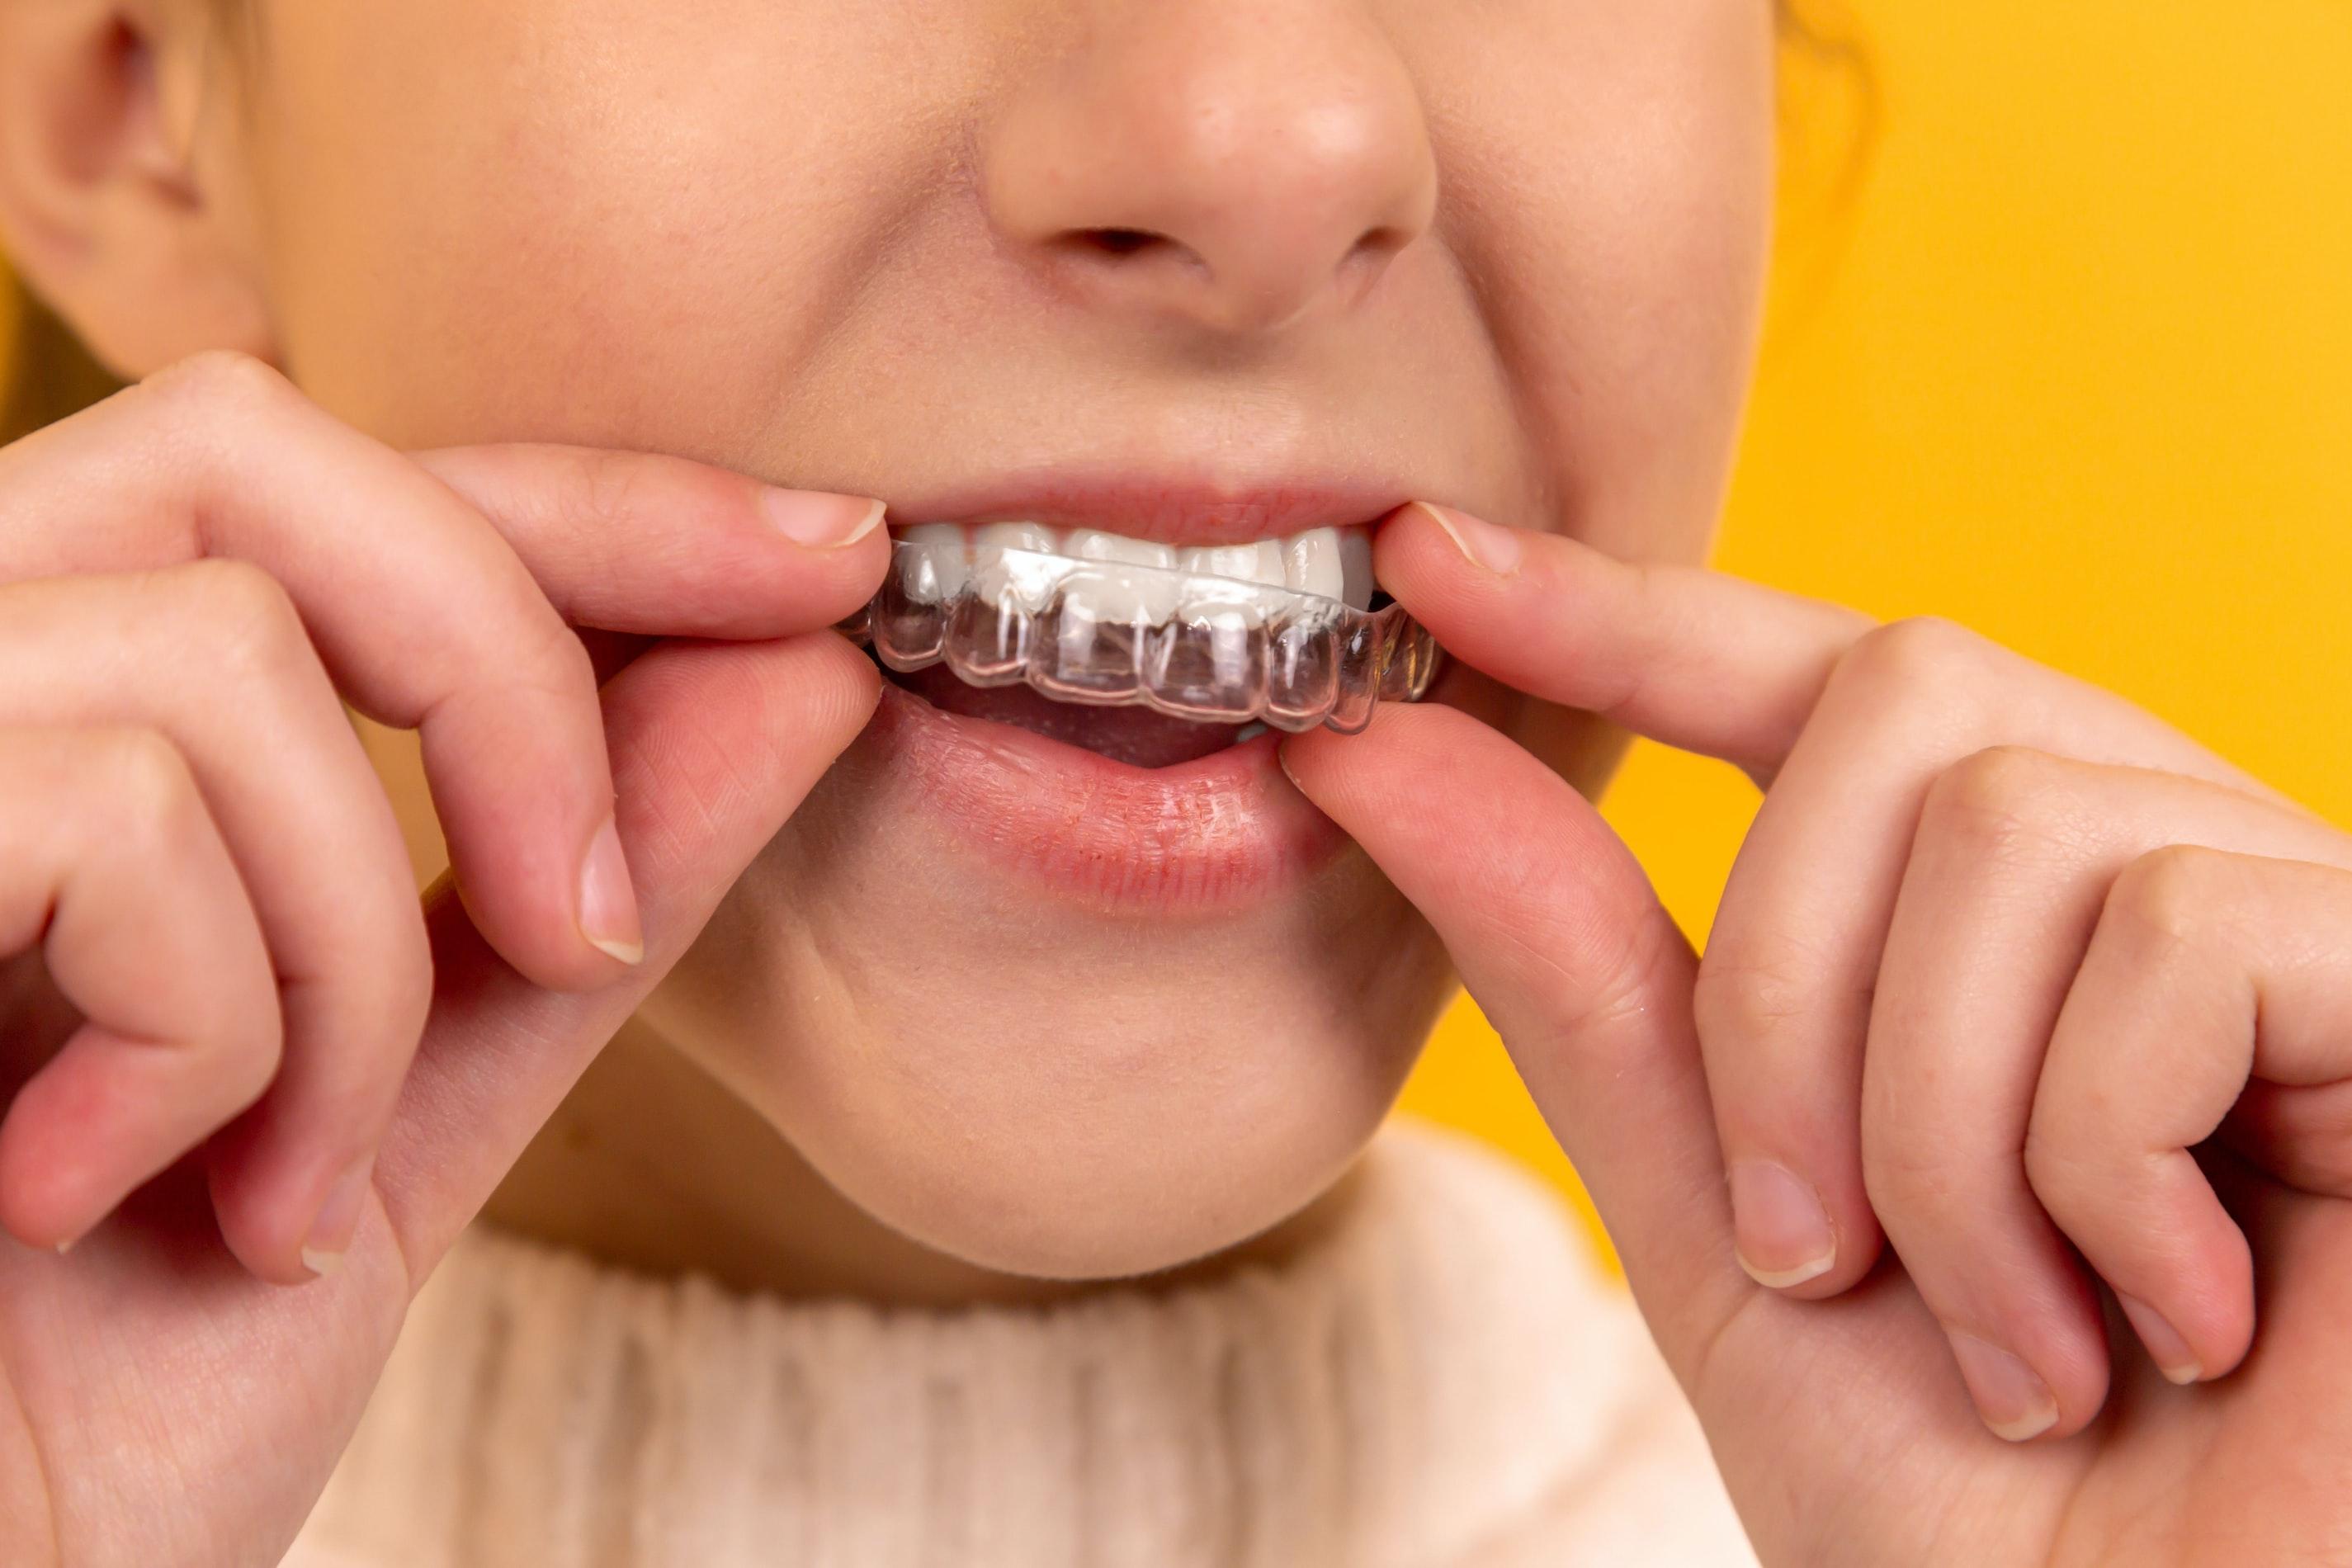 【牙齒矯正懶人包】牙齒矯正有哪些種類可以選擇?有什麼注意事項?全部一次報你知!